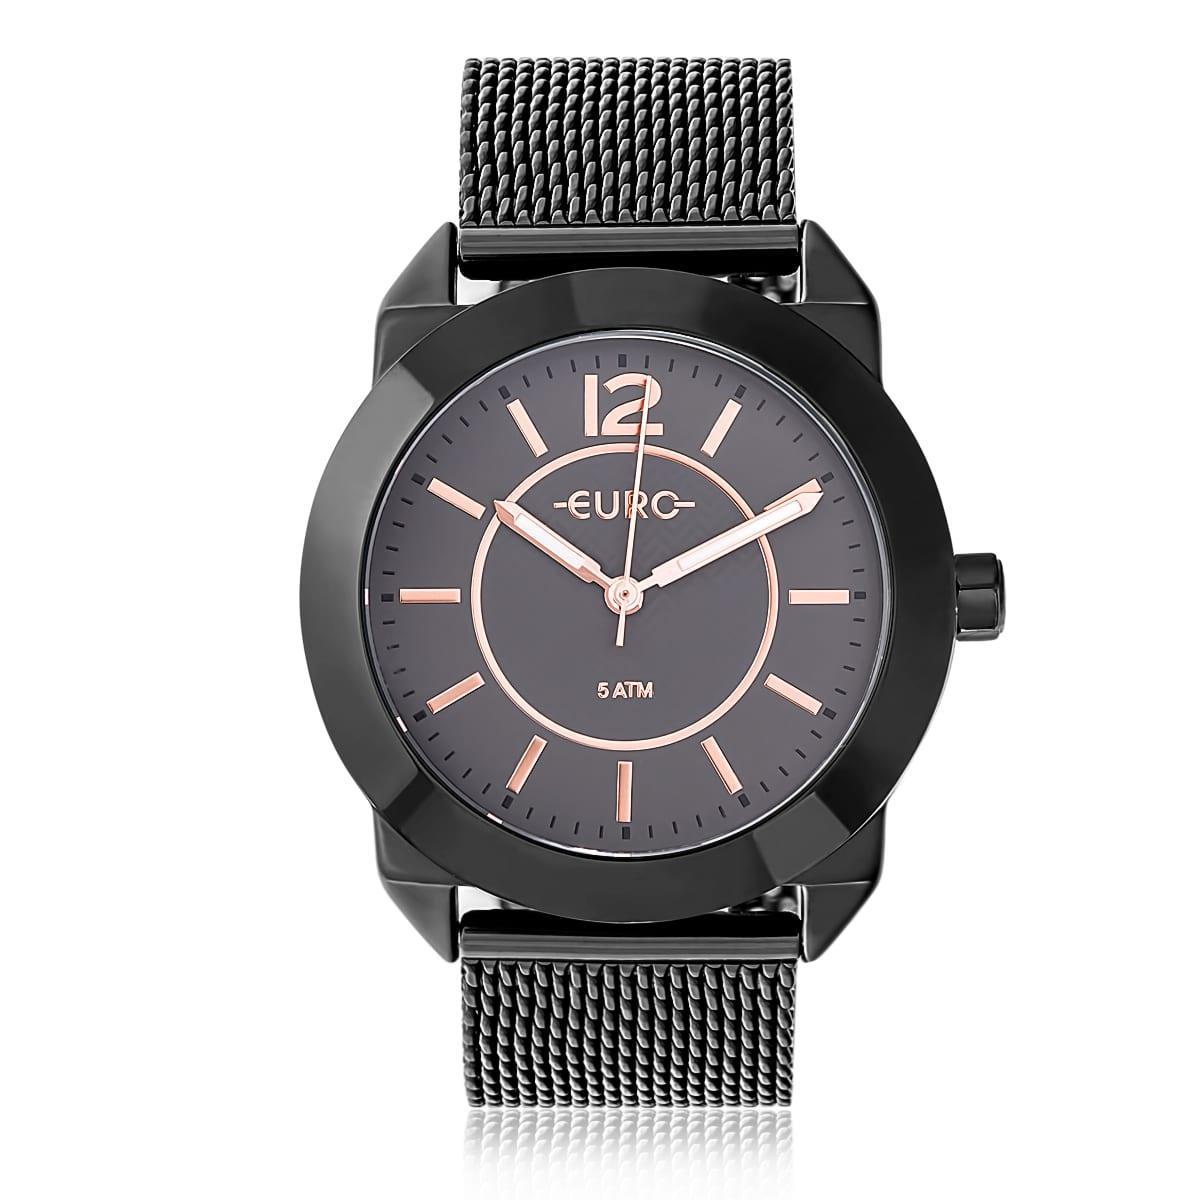 7fc1b6170fa Relógio Feminino Euro Geometric Power Analógico EU2036YLU 4P Preto